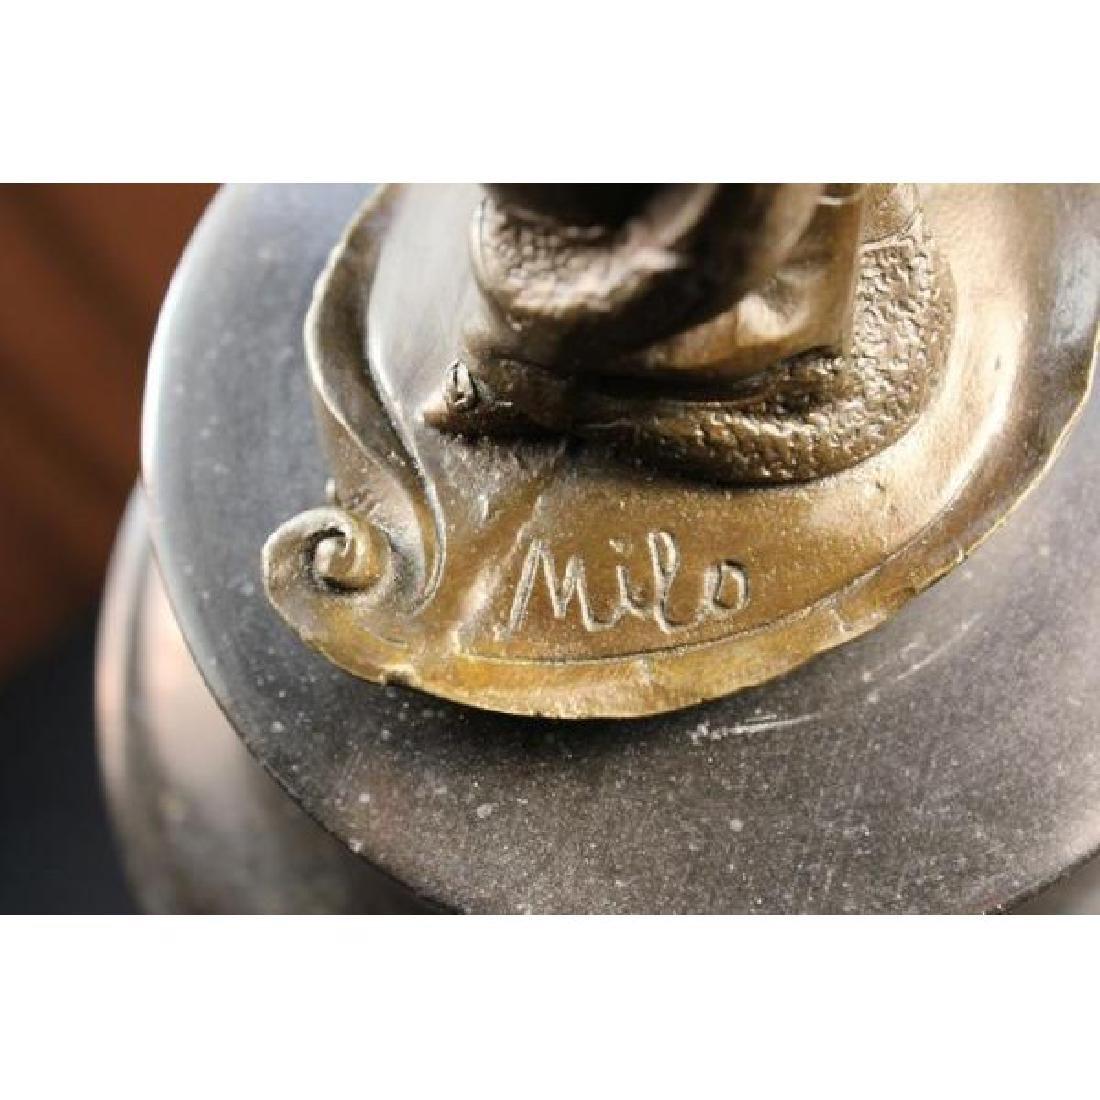 Milo 1920 Classy Woman Bronze Sculpture Art Nouveau - 6